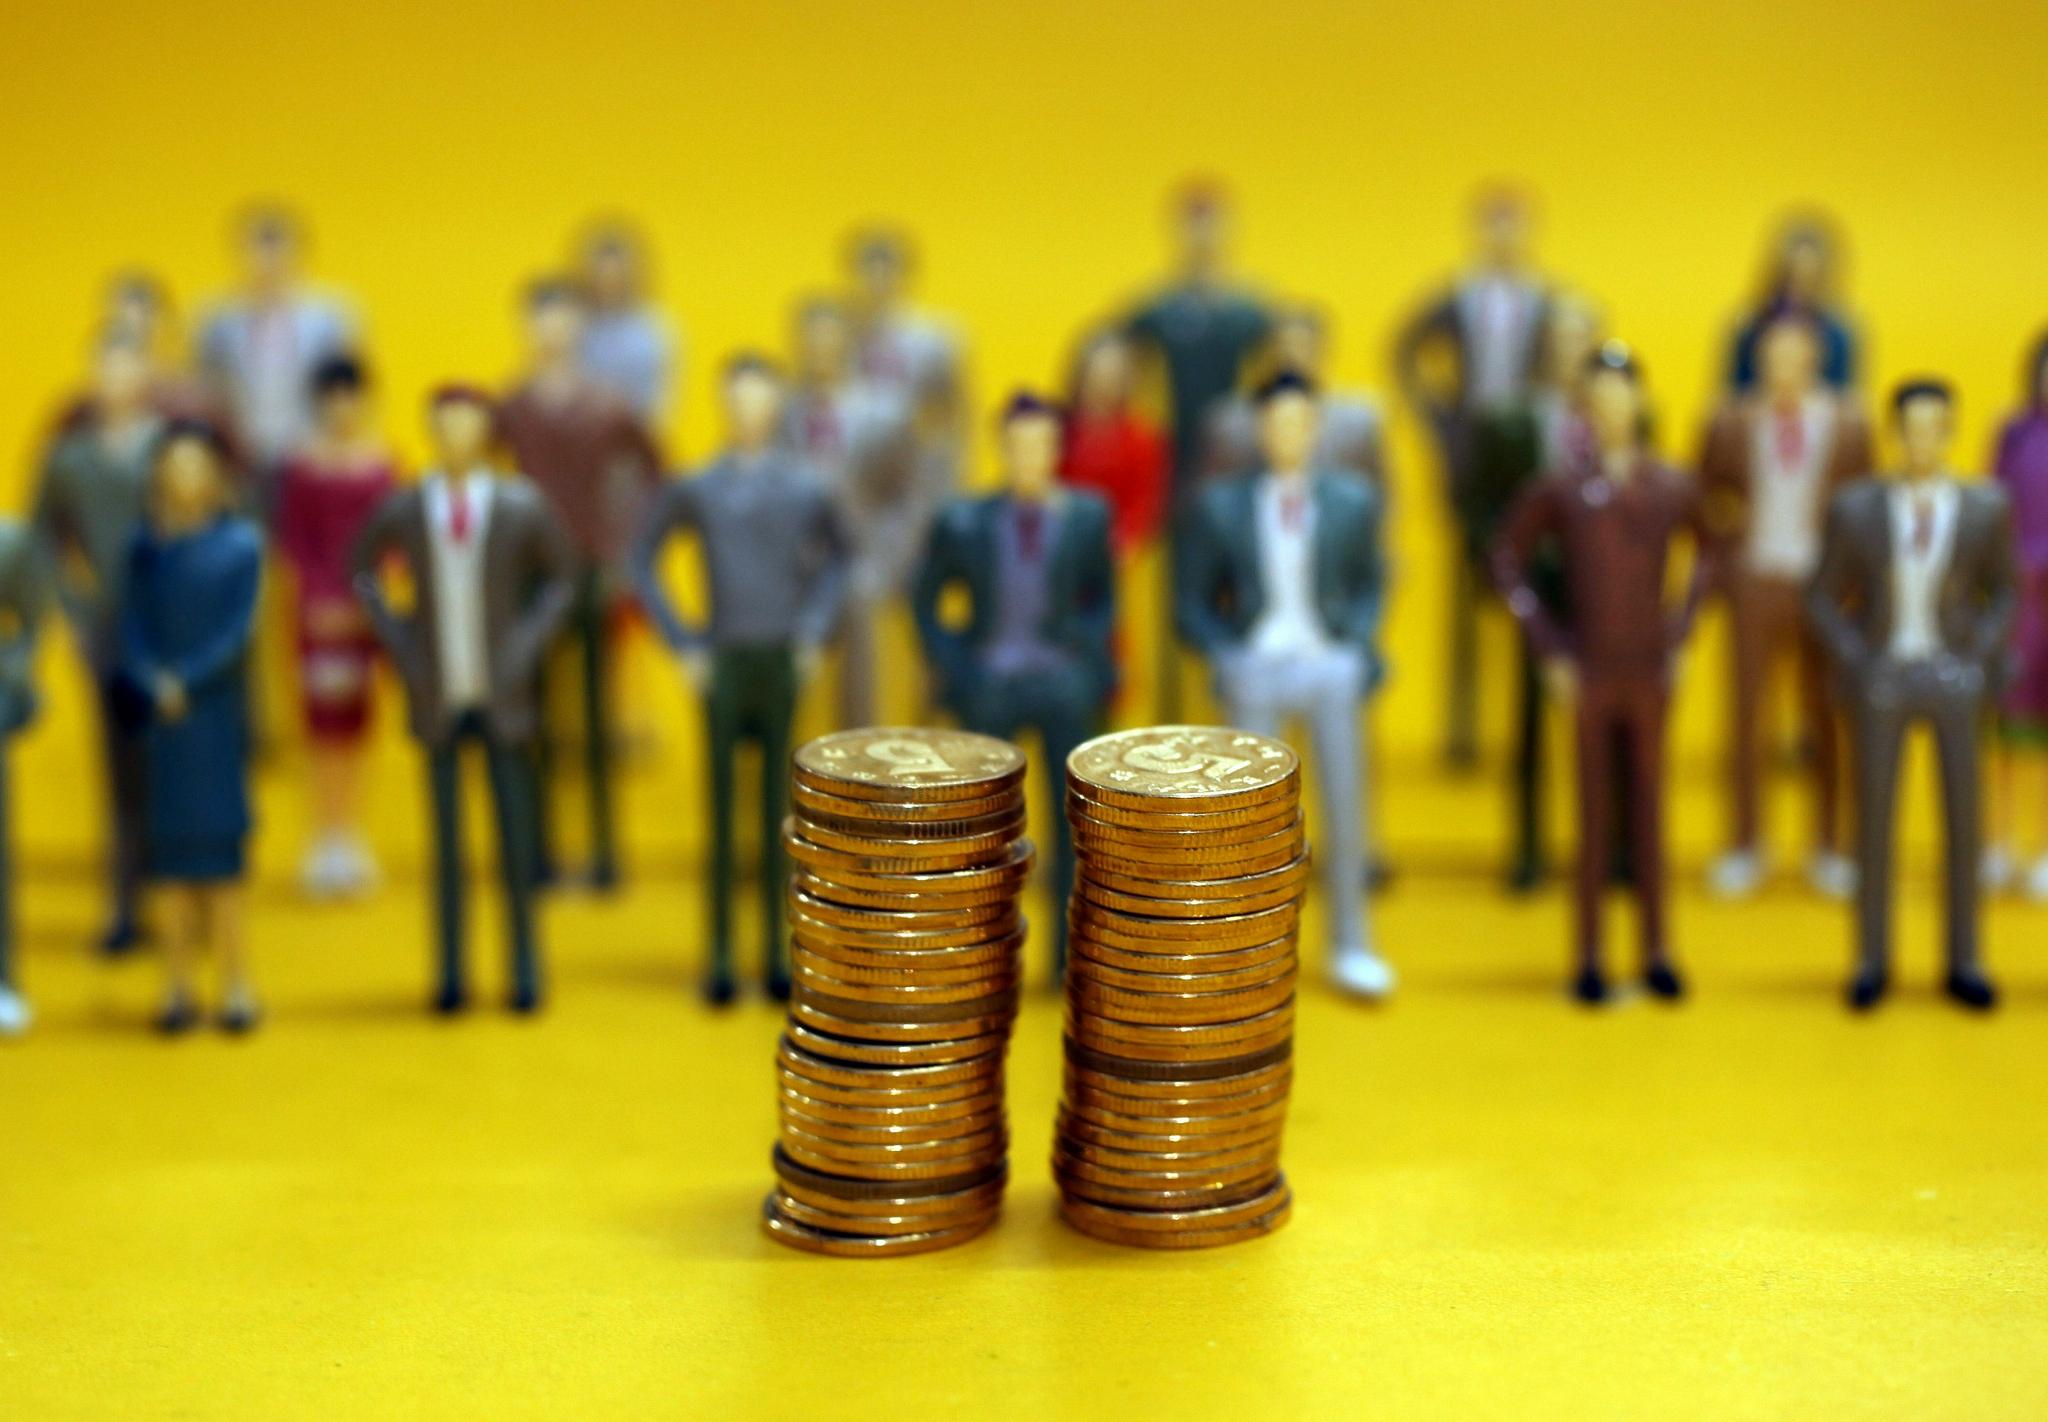 三季度平均招聘月薪为9739元 这些岗位最高薪